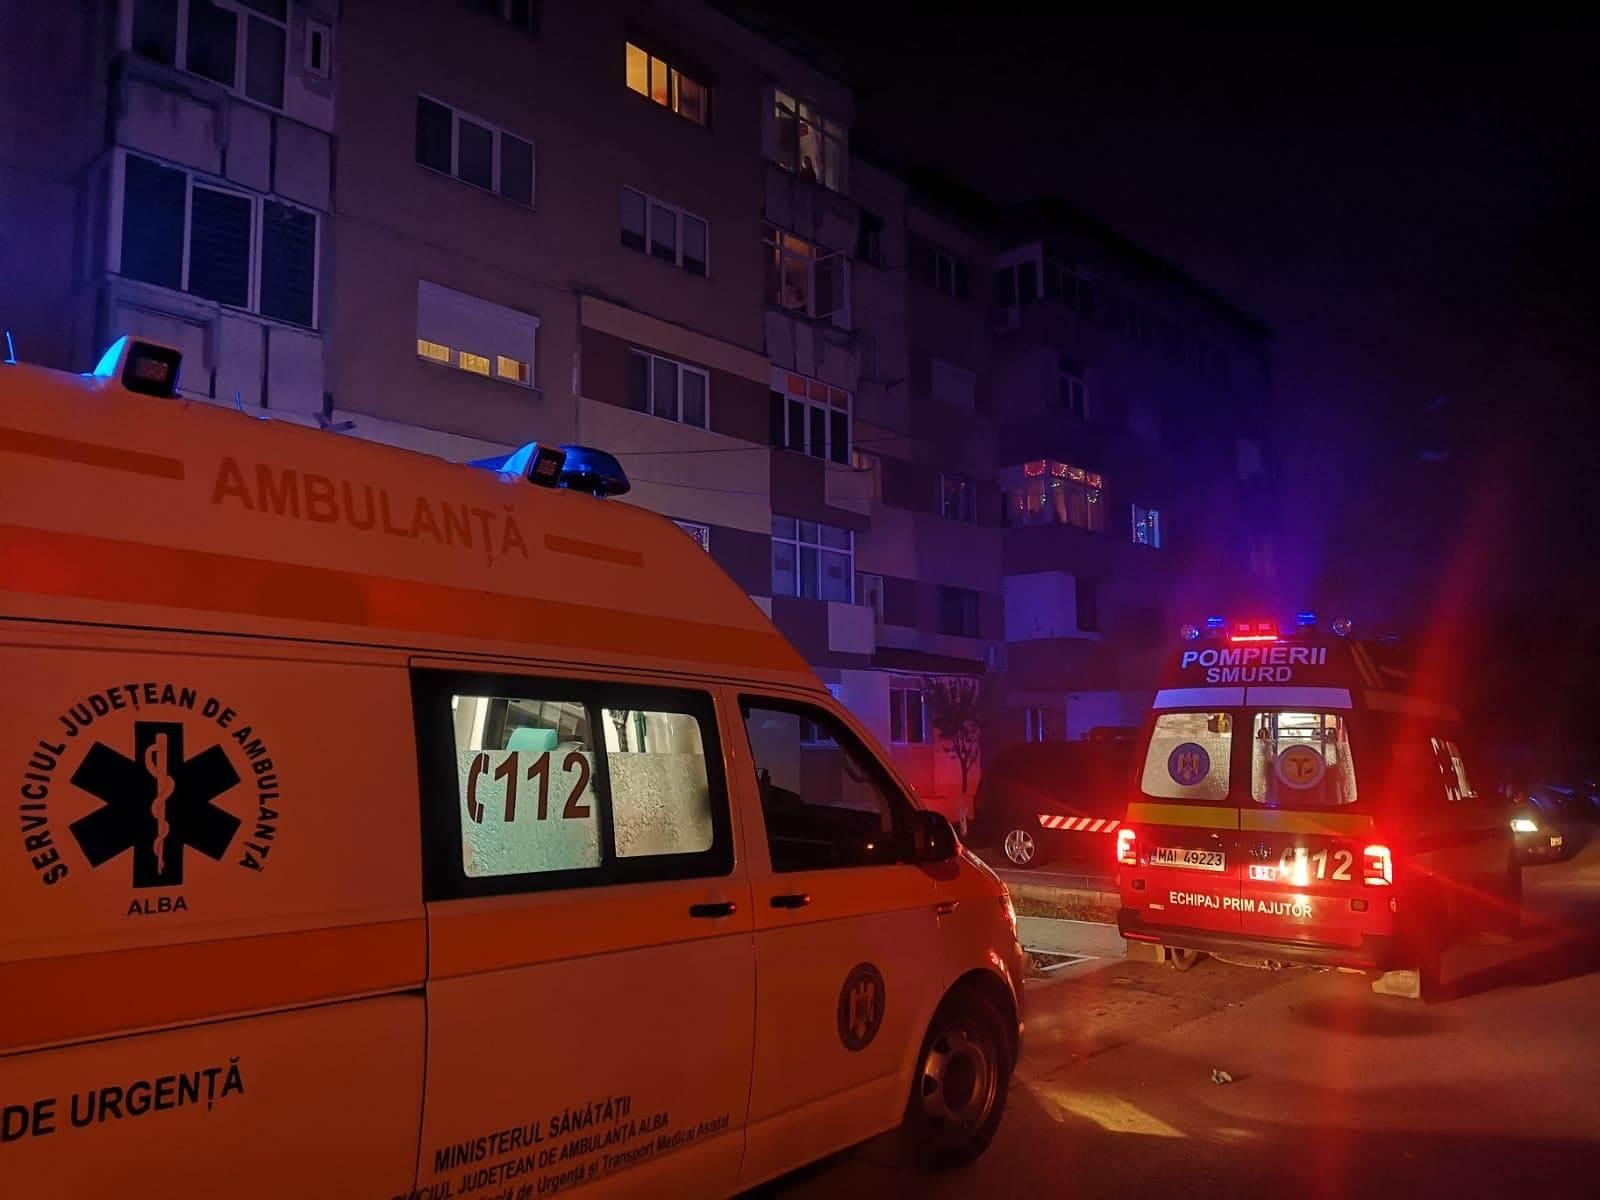 Alertă la 112. Trei persoane căzute, într-un apartament din Alba Iulia